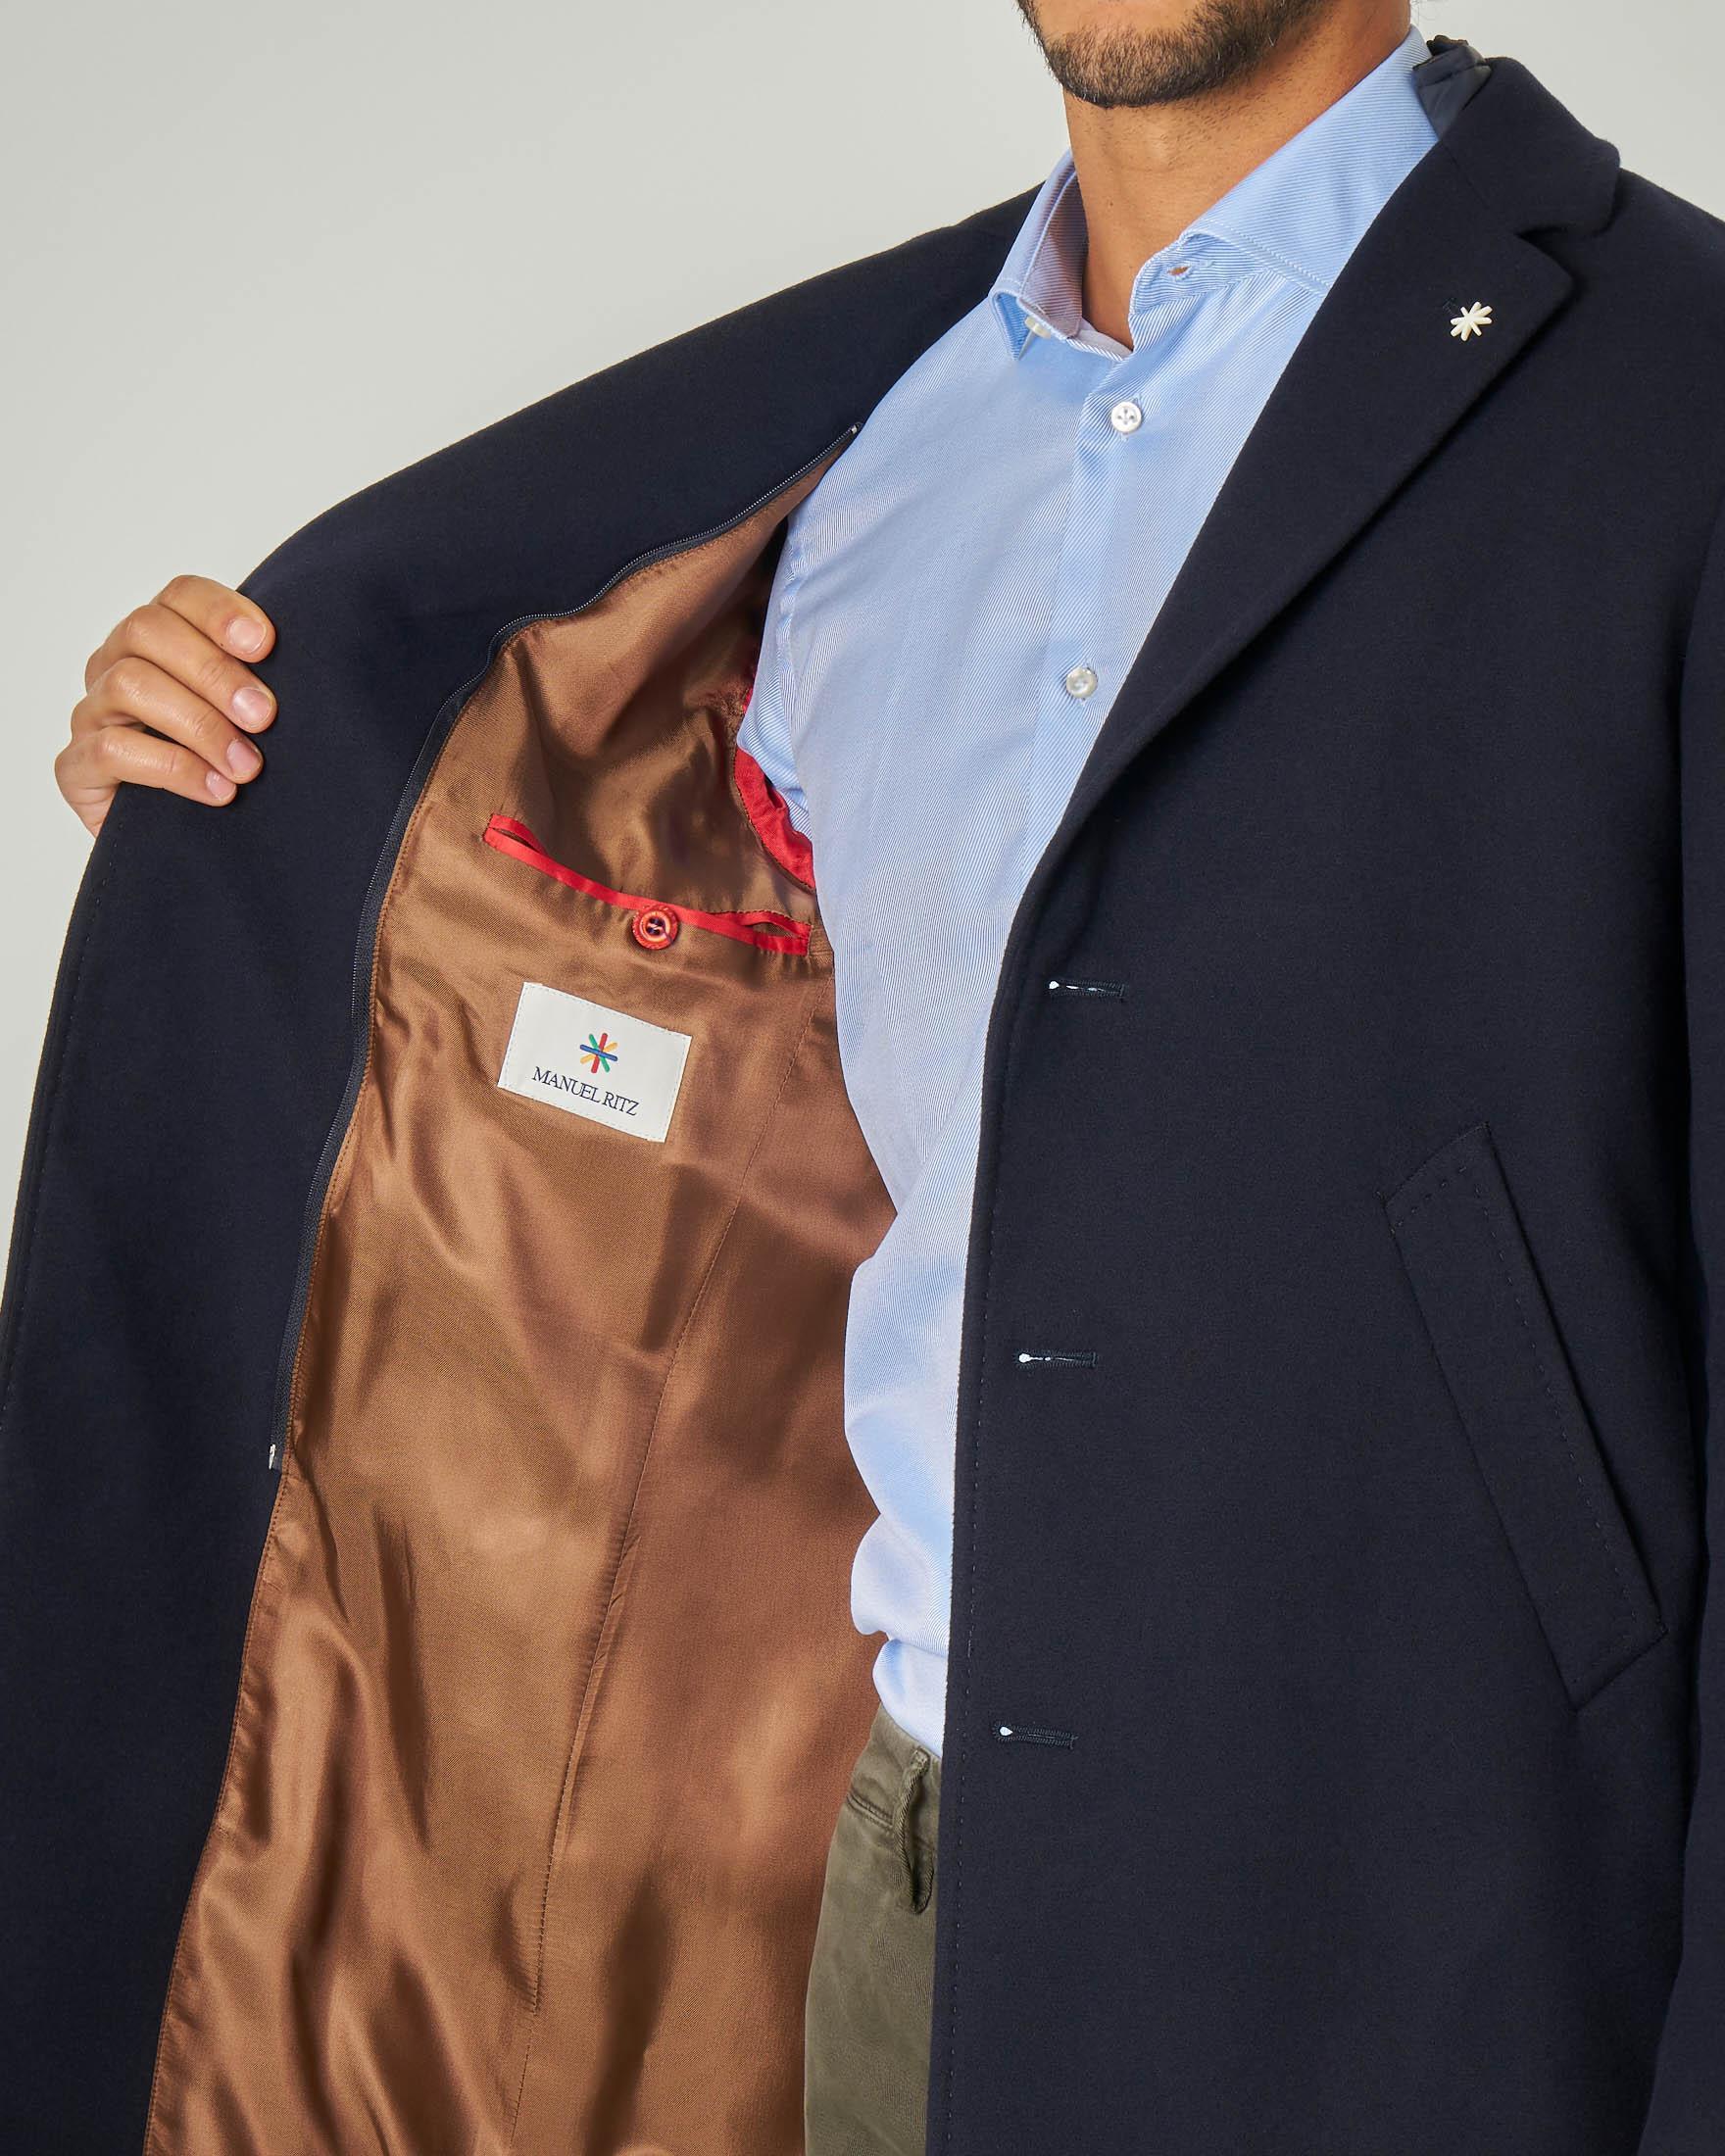 Manuel Ritz Uomo Cappotto con Collo Rever Cammello